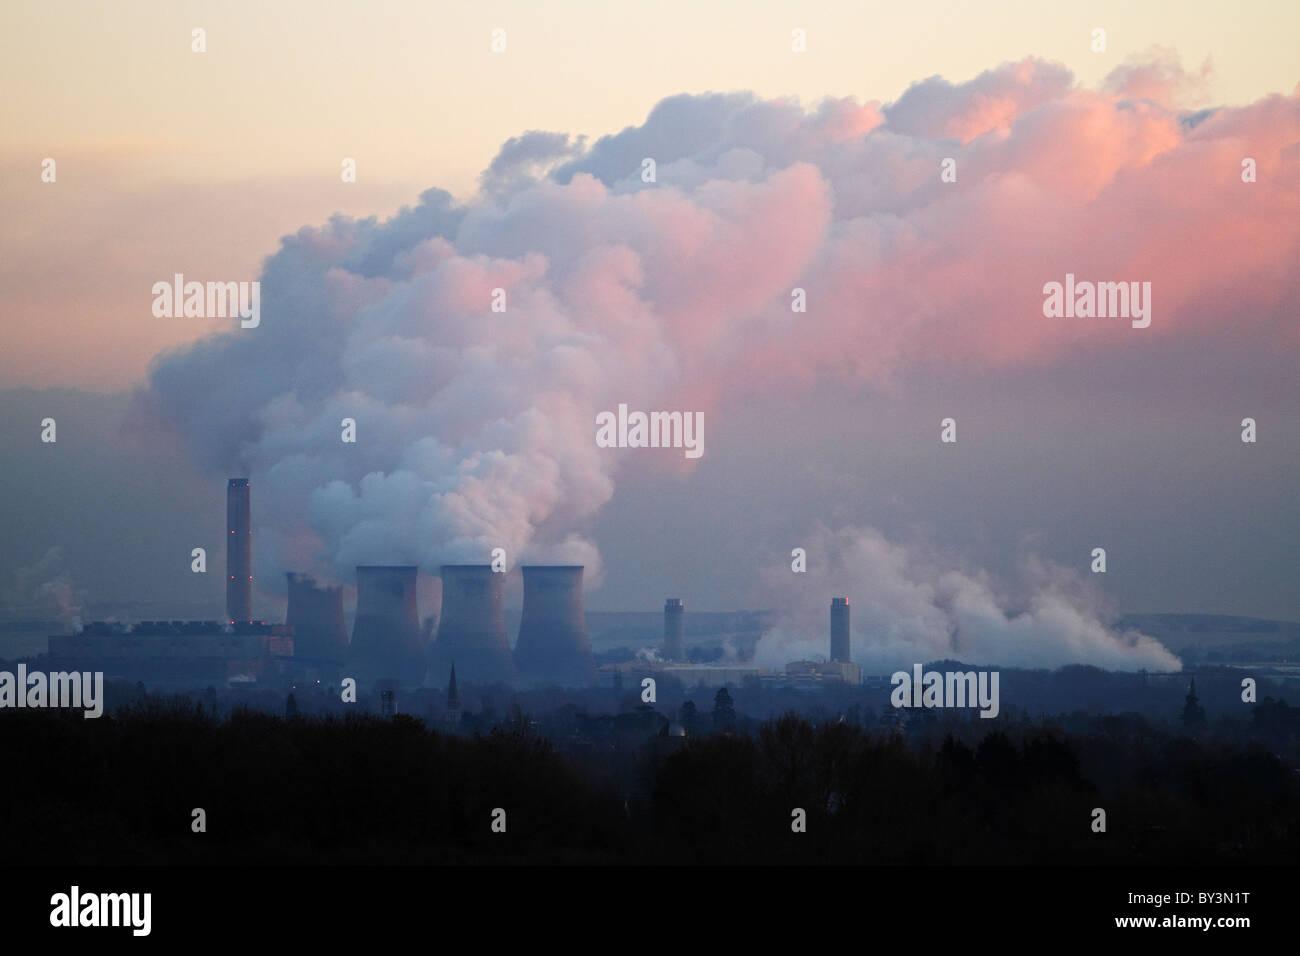 Didcot Kraftwerk Verschmutzung Kohlenstoffemissionen Oxfordshire Stockbild